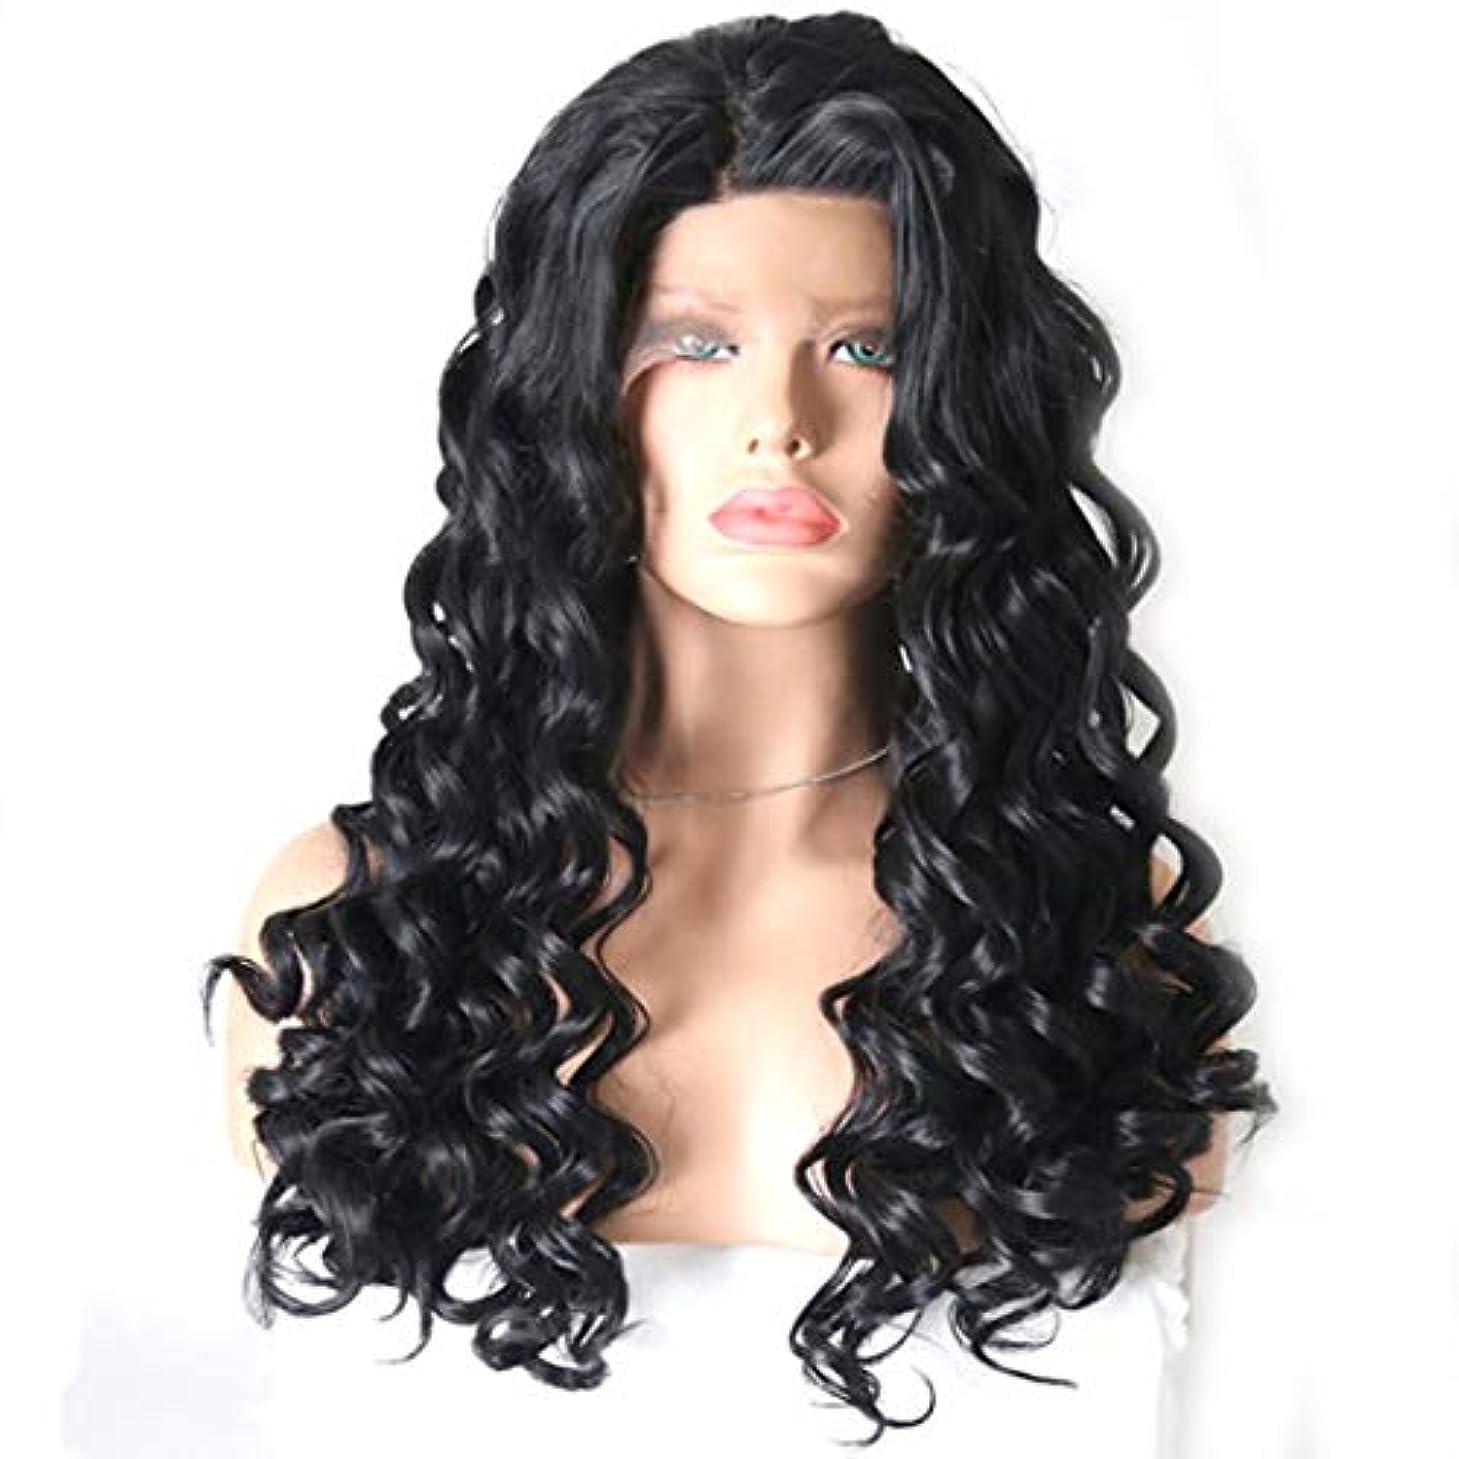 拡散するシーボード地球Summerys 黒い巻き毛のかつらフロントレースを持つ女性のための長い巻き毛 (Color : Black, Size : 20 inches)